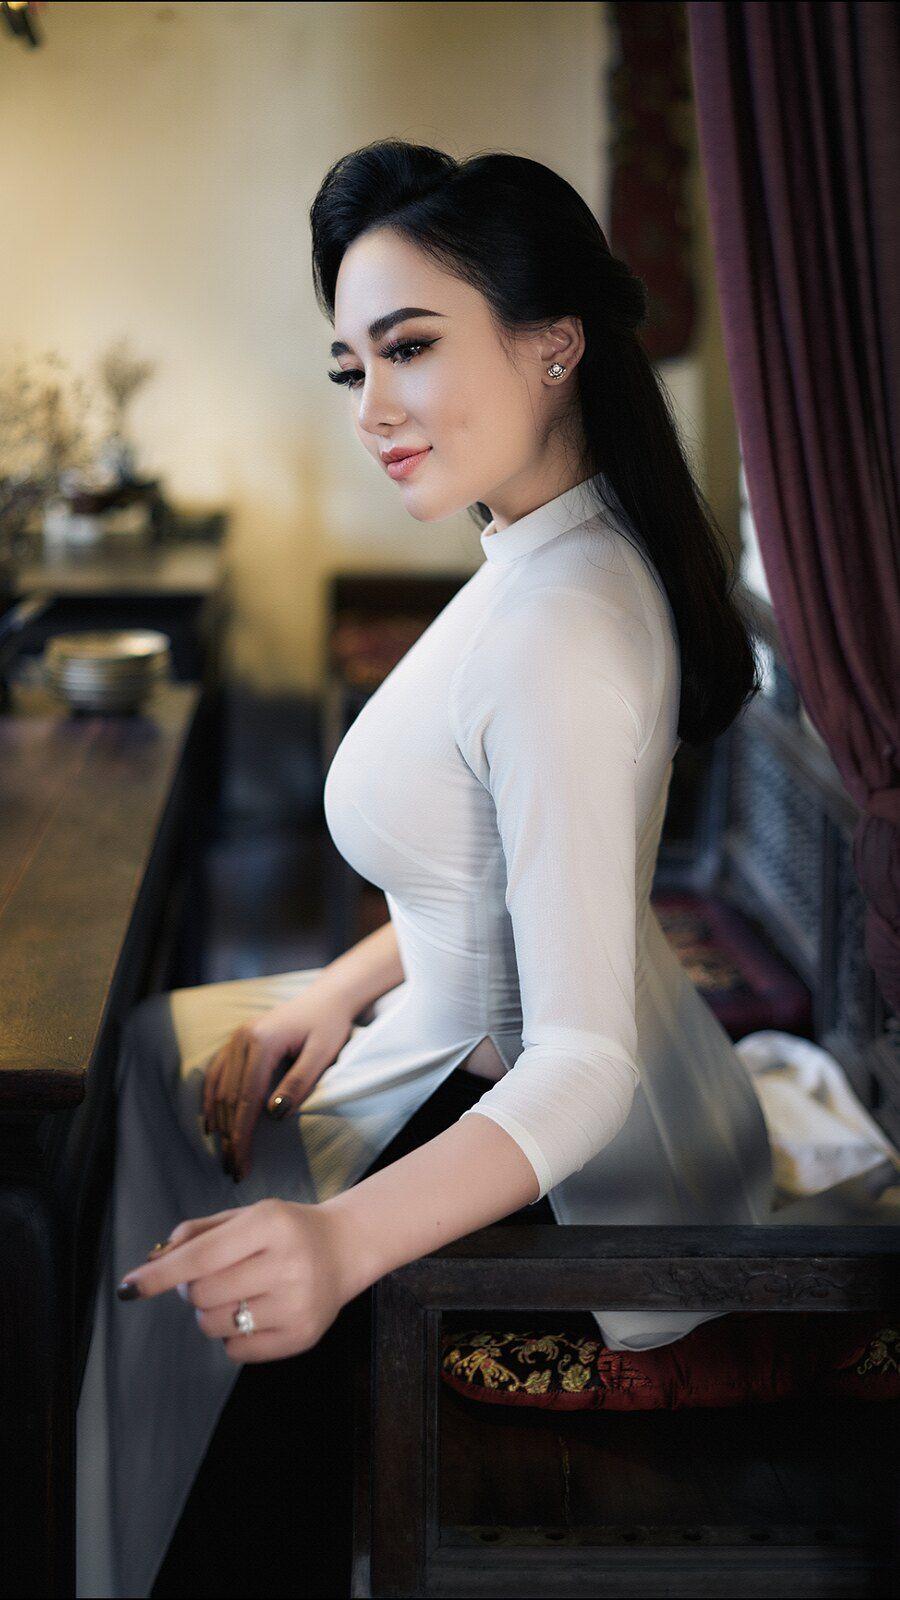 Vietnamese girls are hot